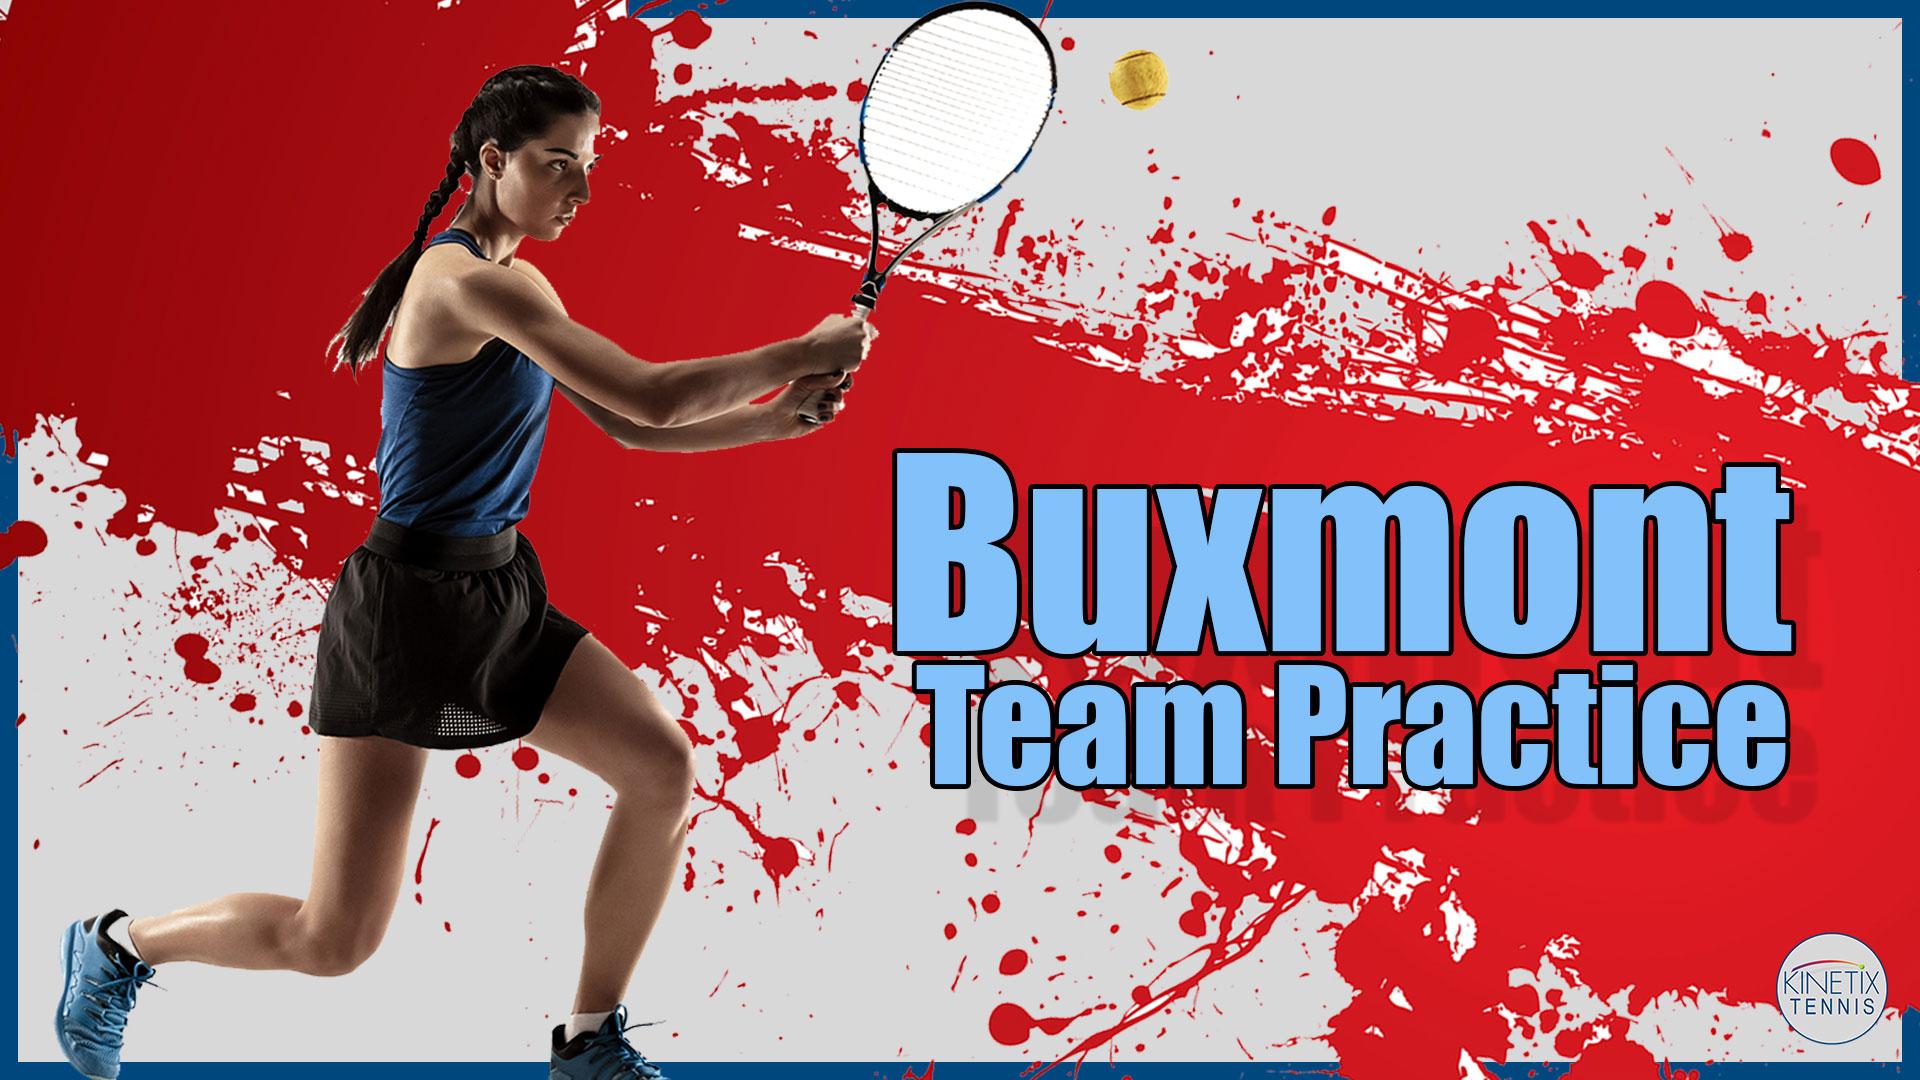 Buxmont Team Practice